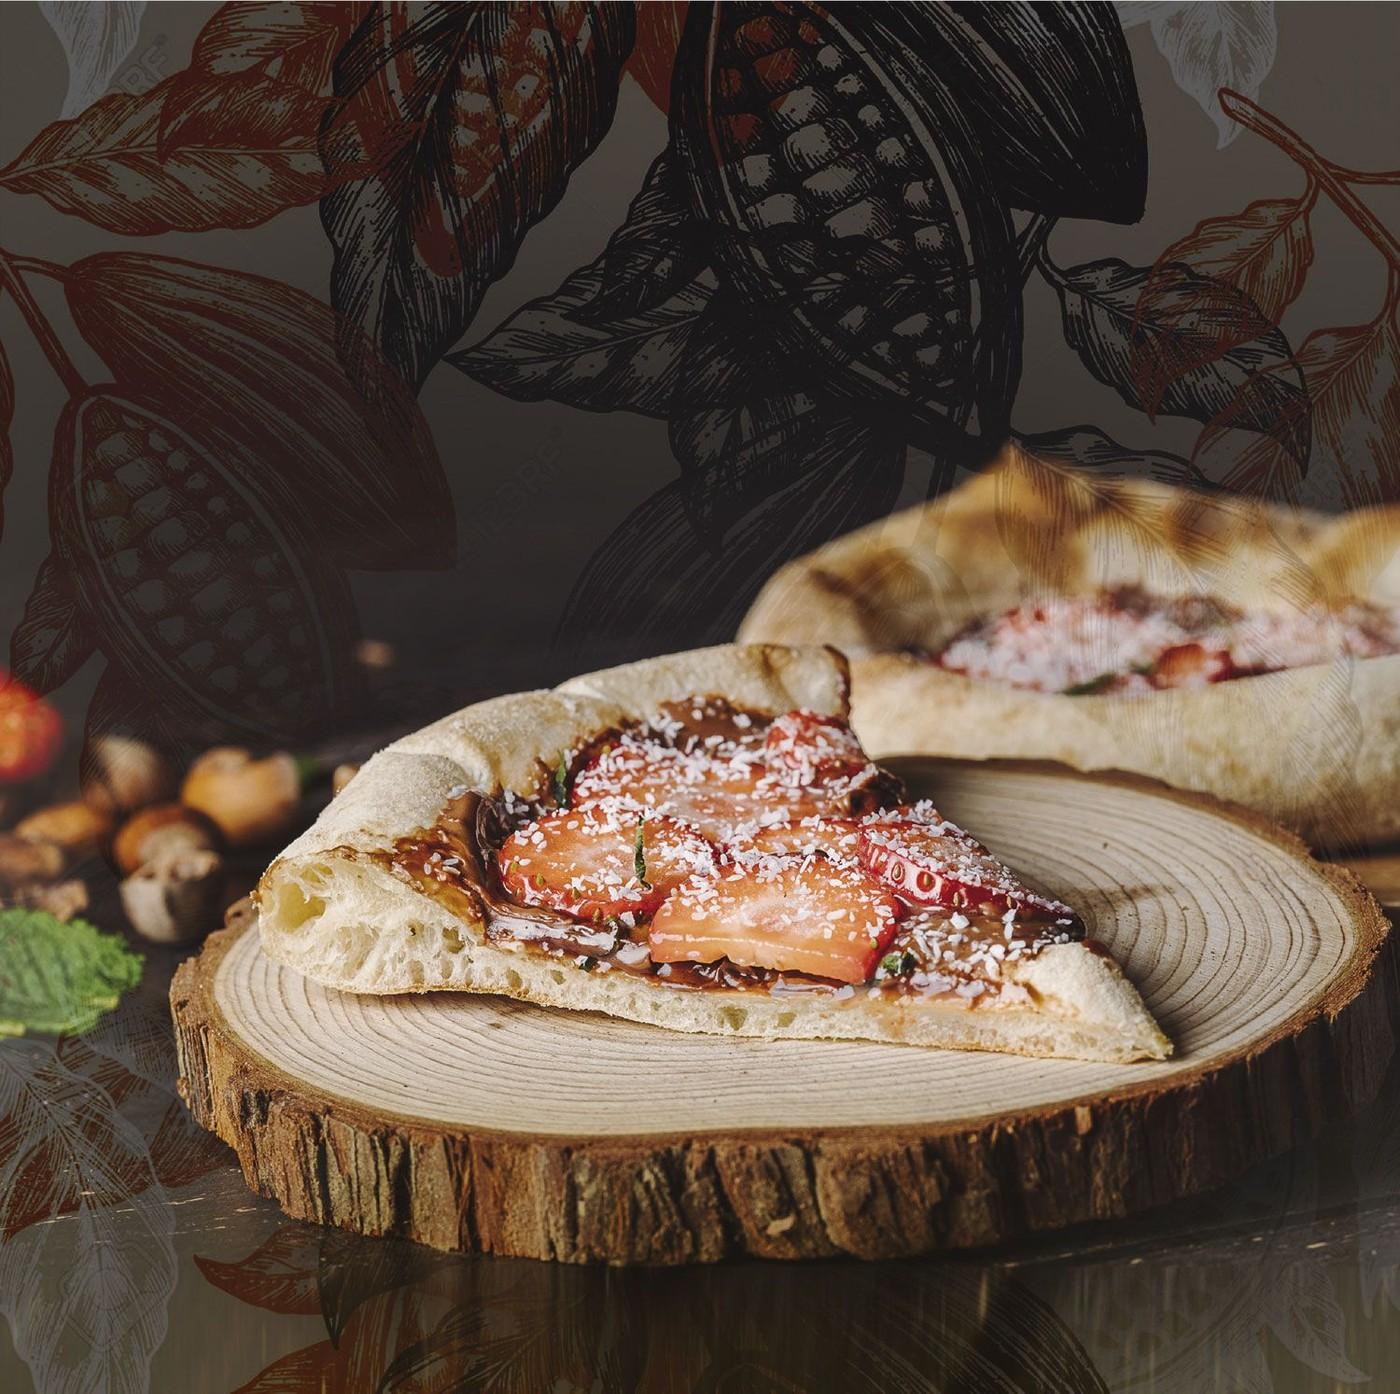 Pizza con Nutella, fresa y coco